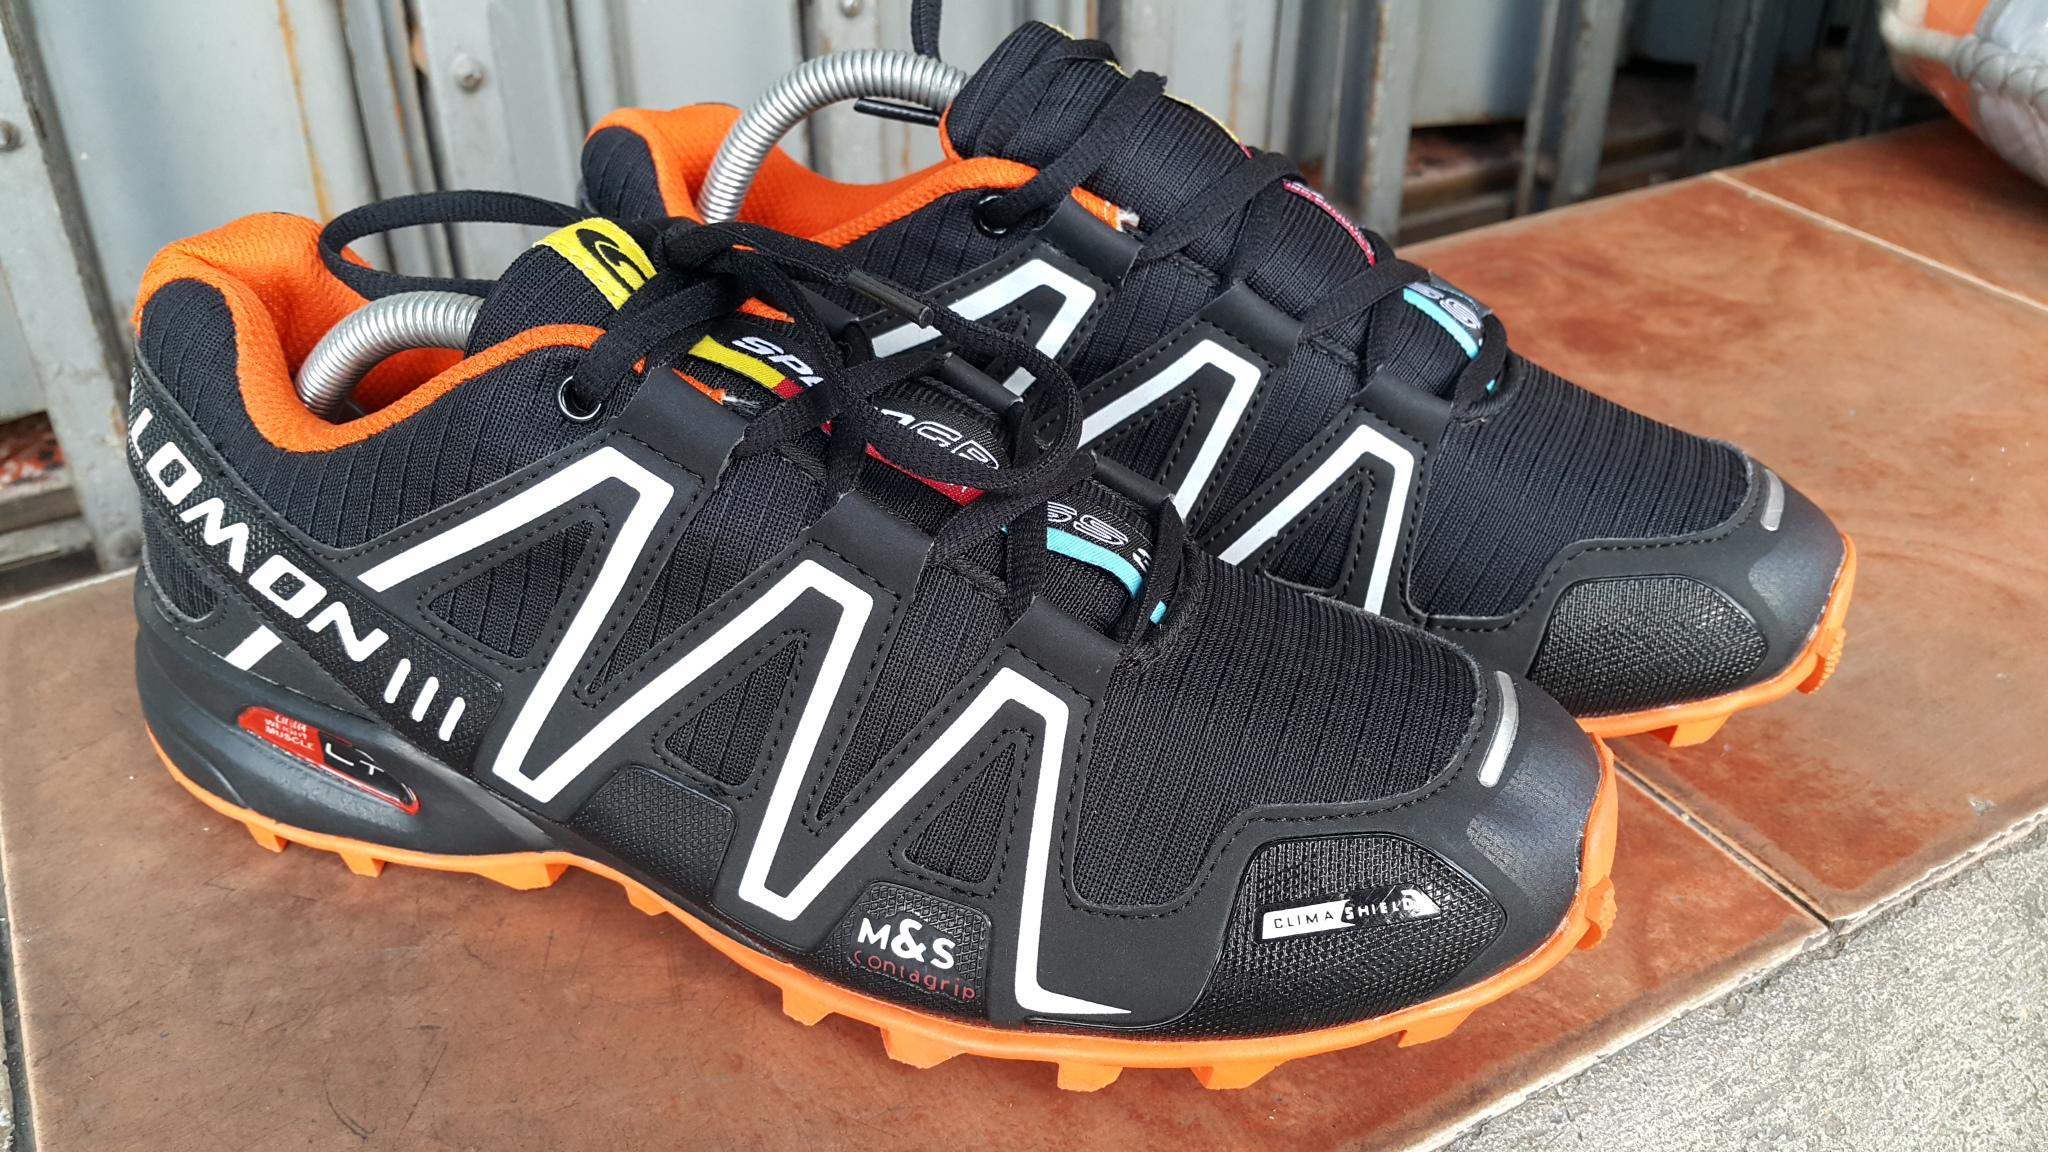 รองเท้า Salomon ส้ม-ขาว